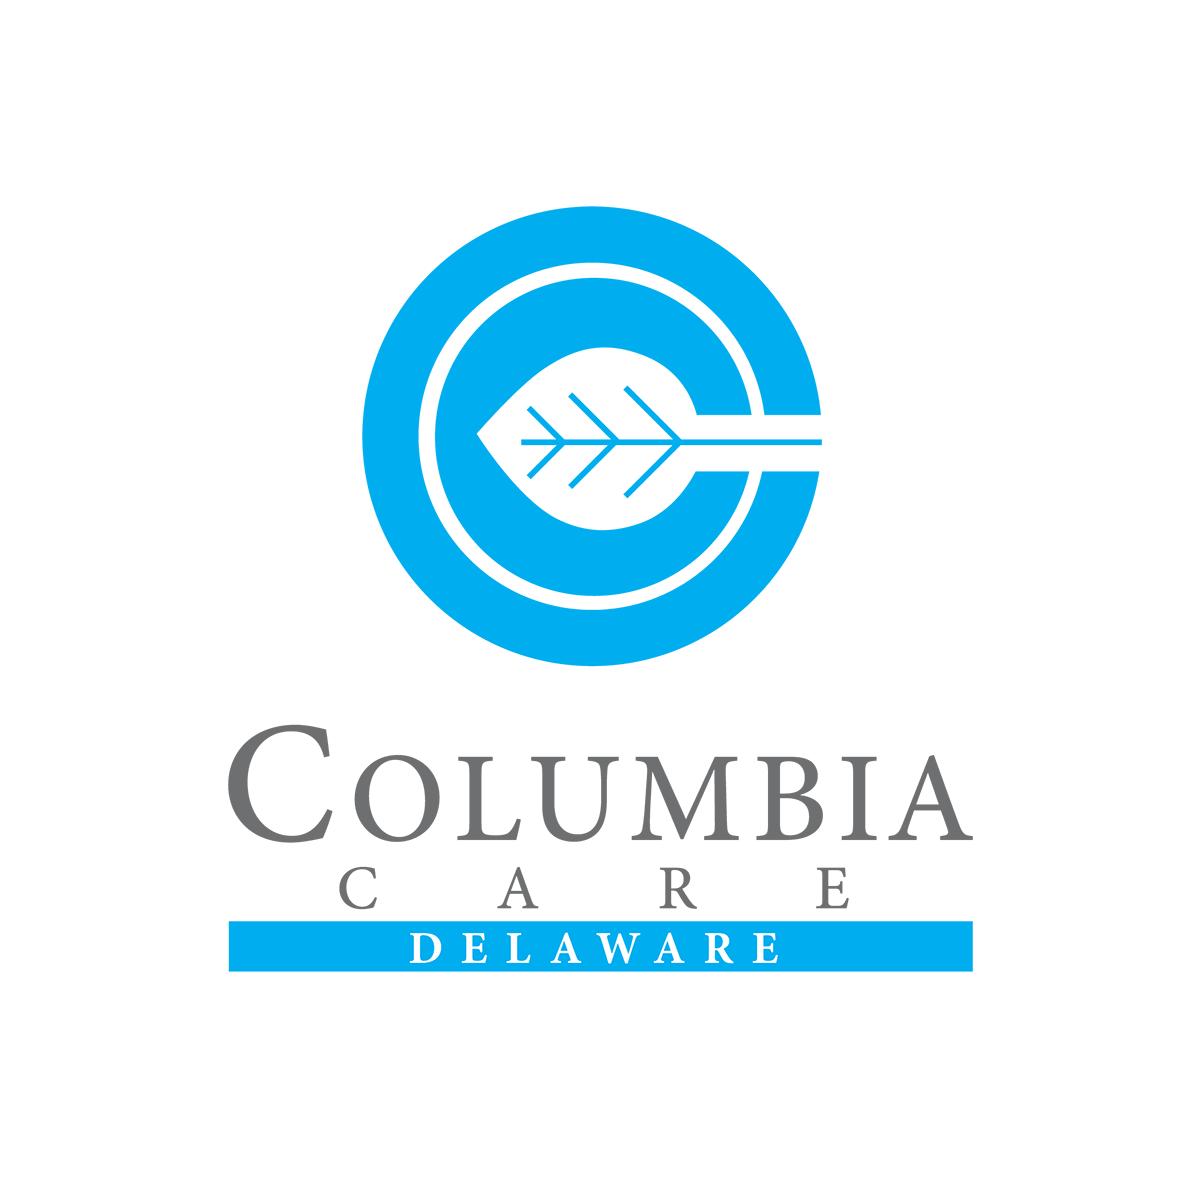 Columbia Care Delaware